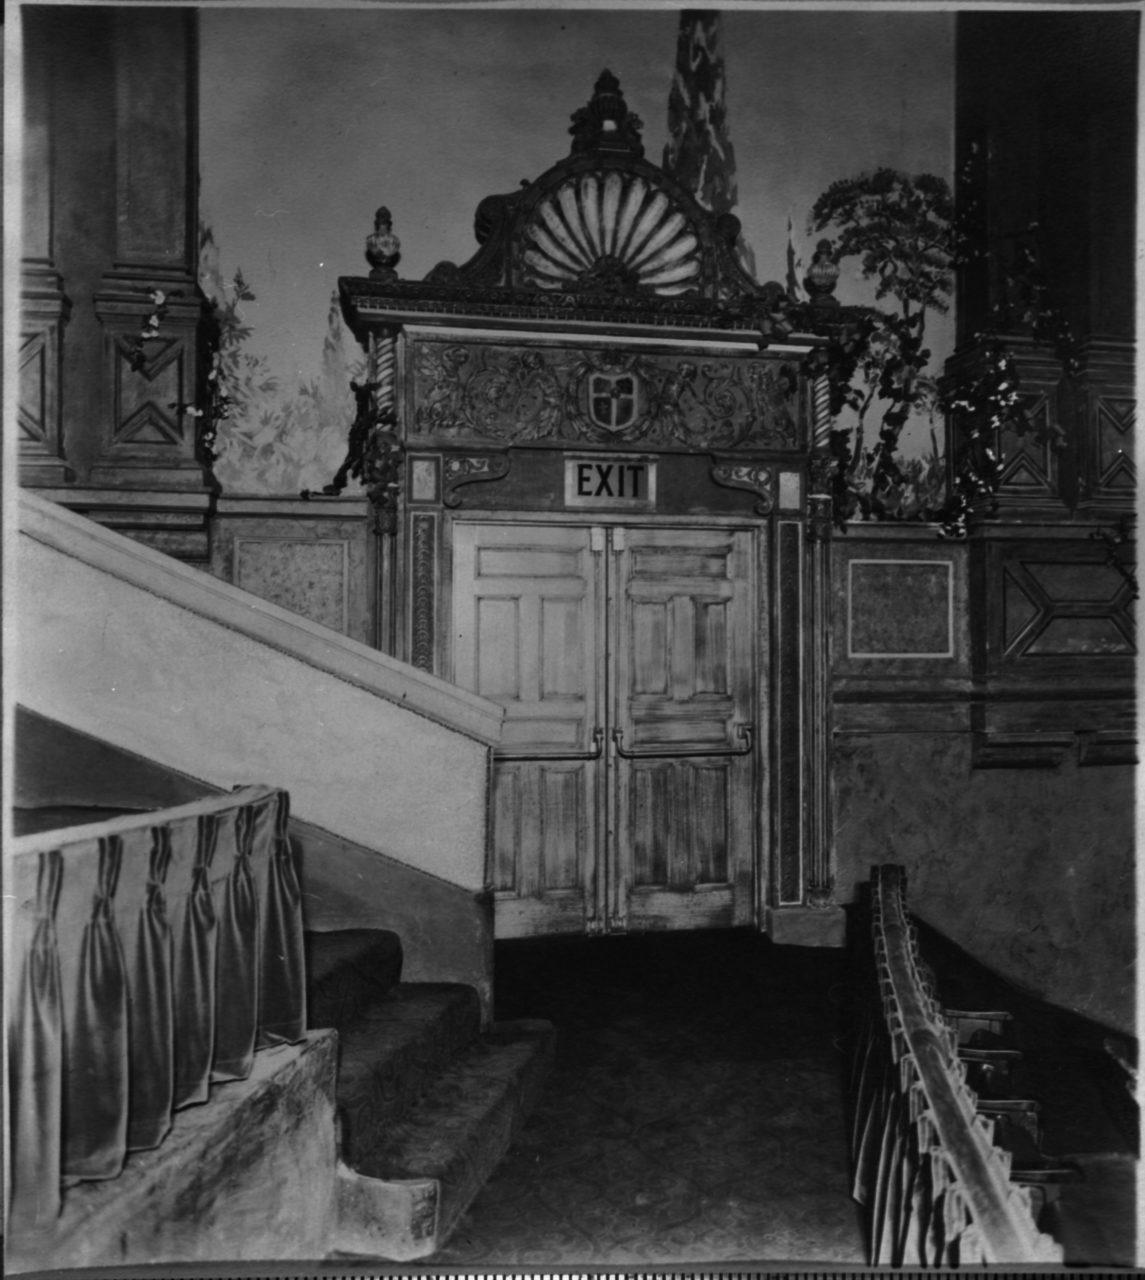 Balcony Exit - c. 1927